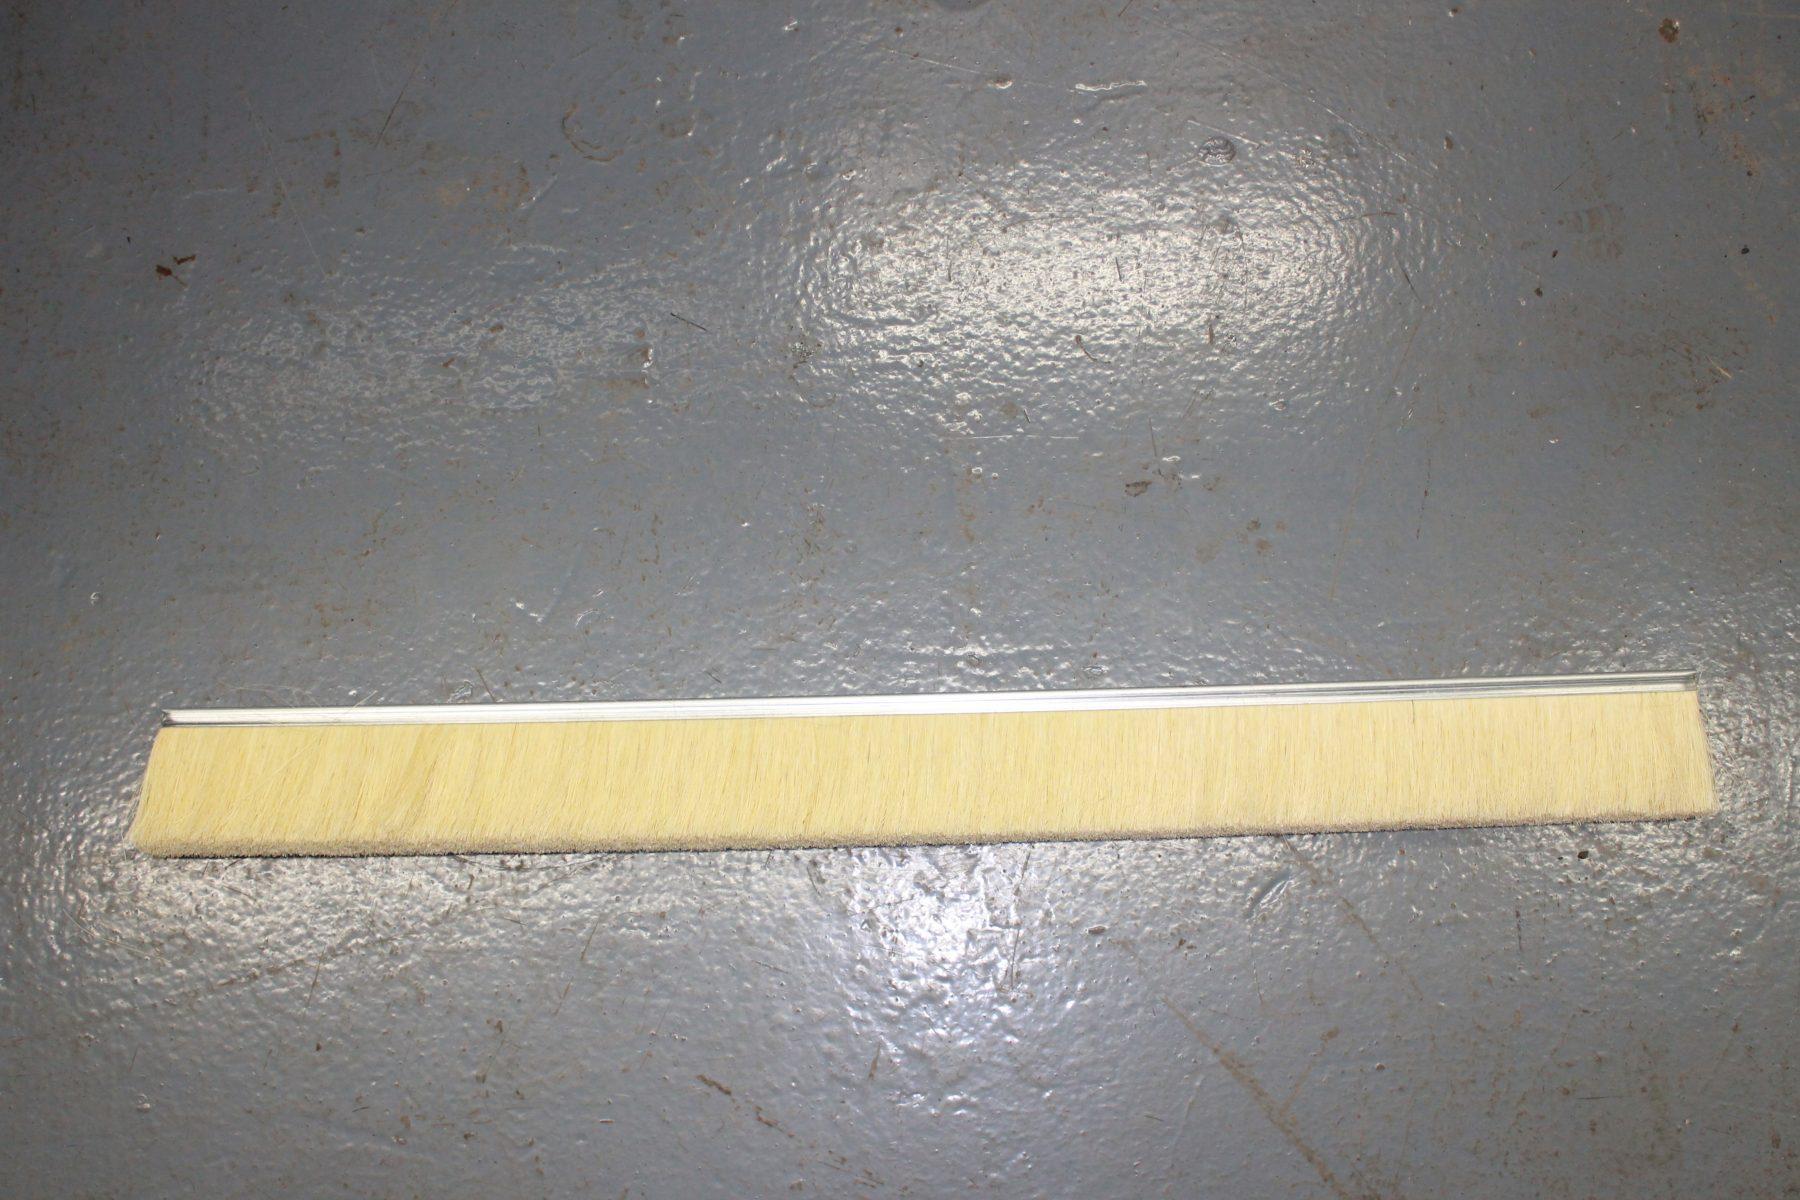 Tampico Brush Strips